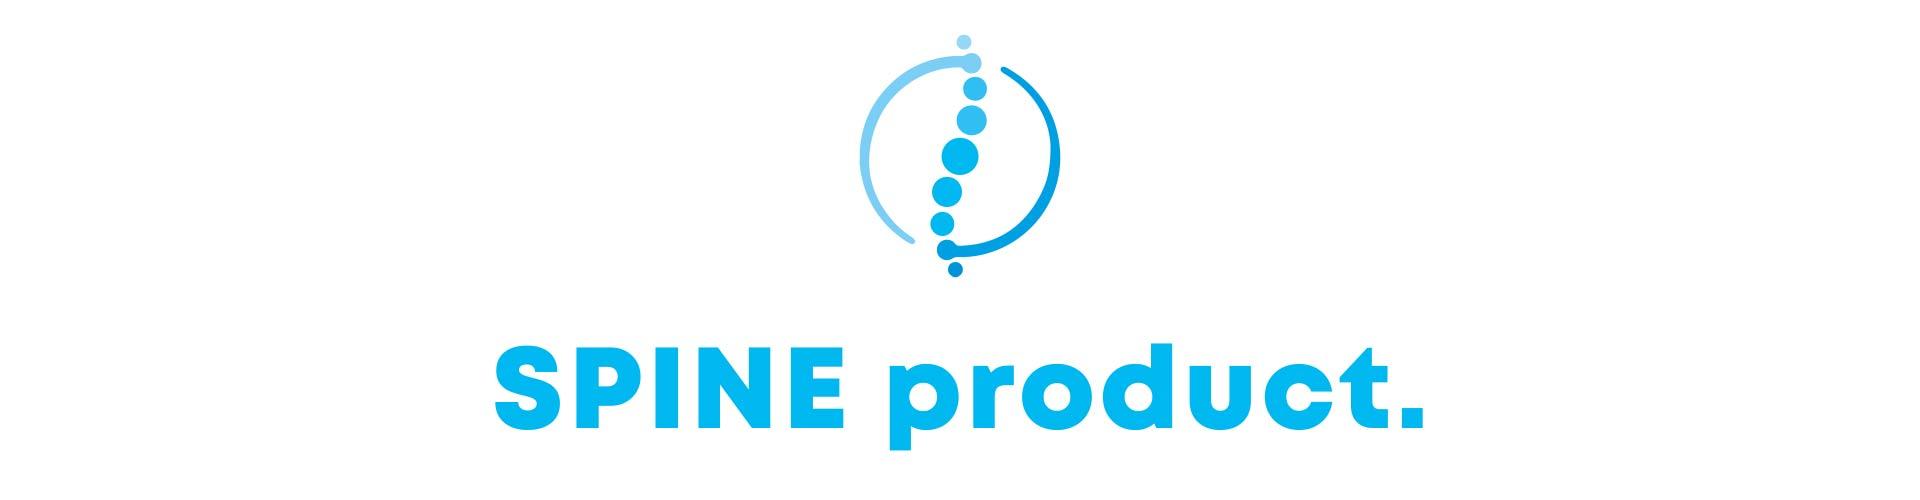 spine-product-alfamed-srl